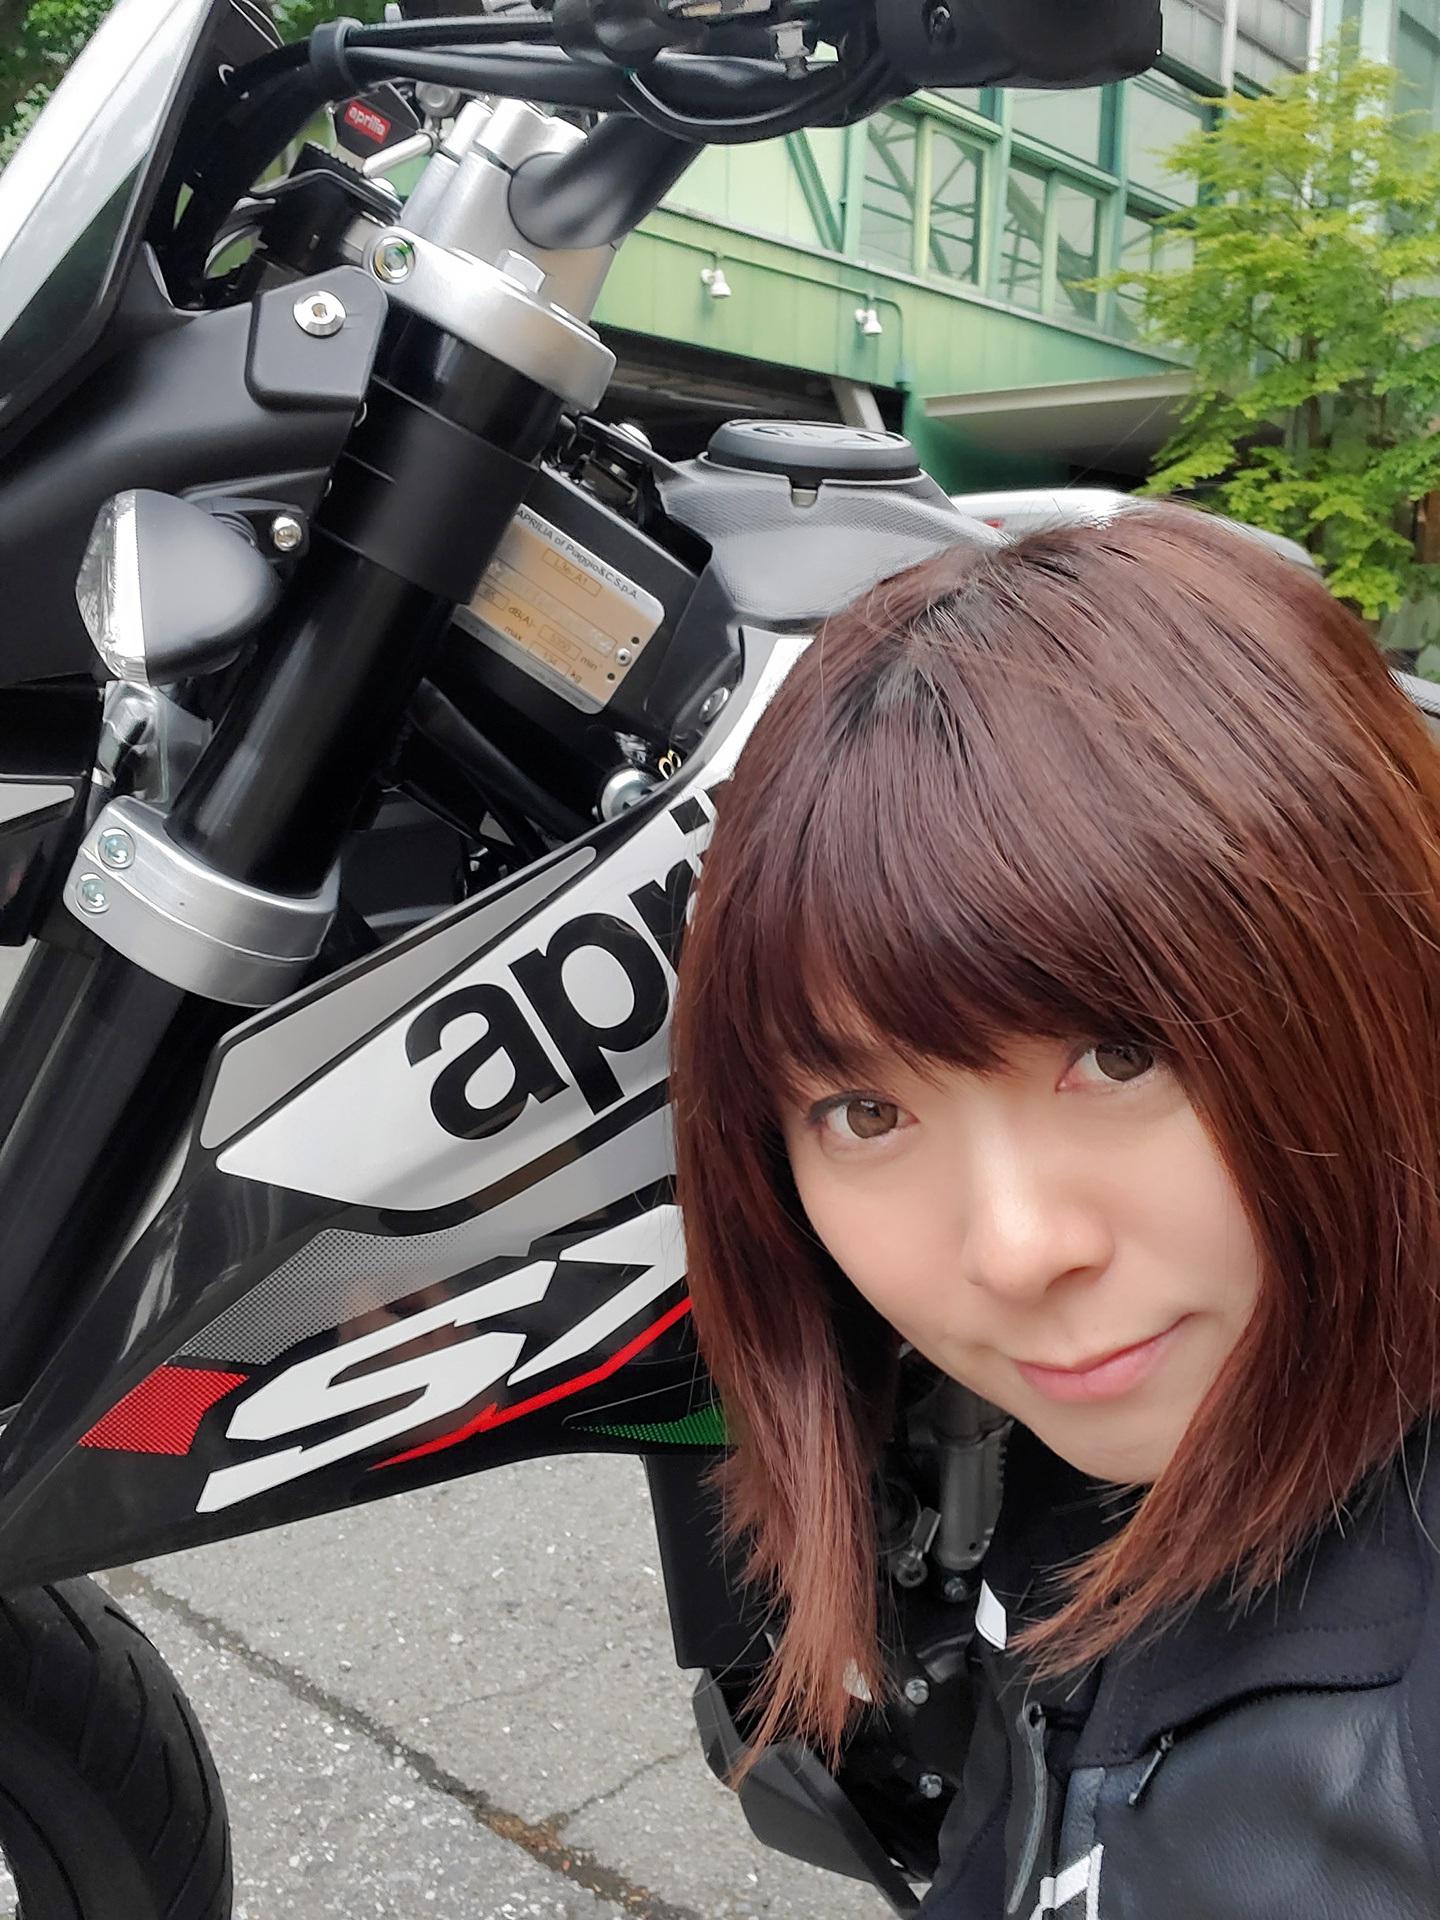 ナンバー付き本格モタード! アプリリア「SX125」は、オシャレに遊べて学べるマウンテンバイク的存在